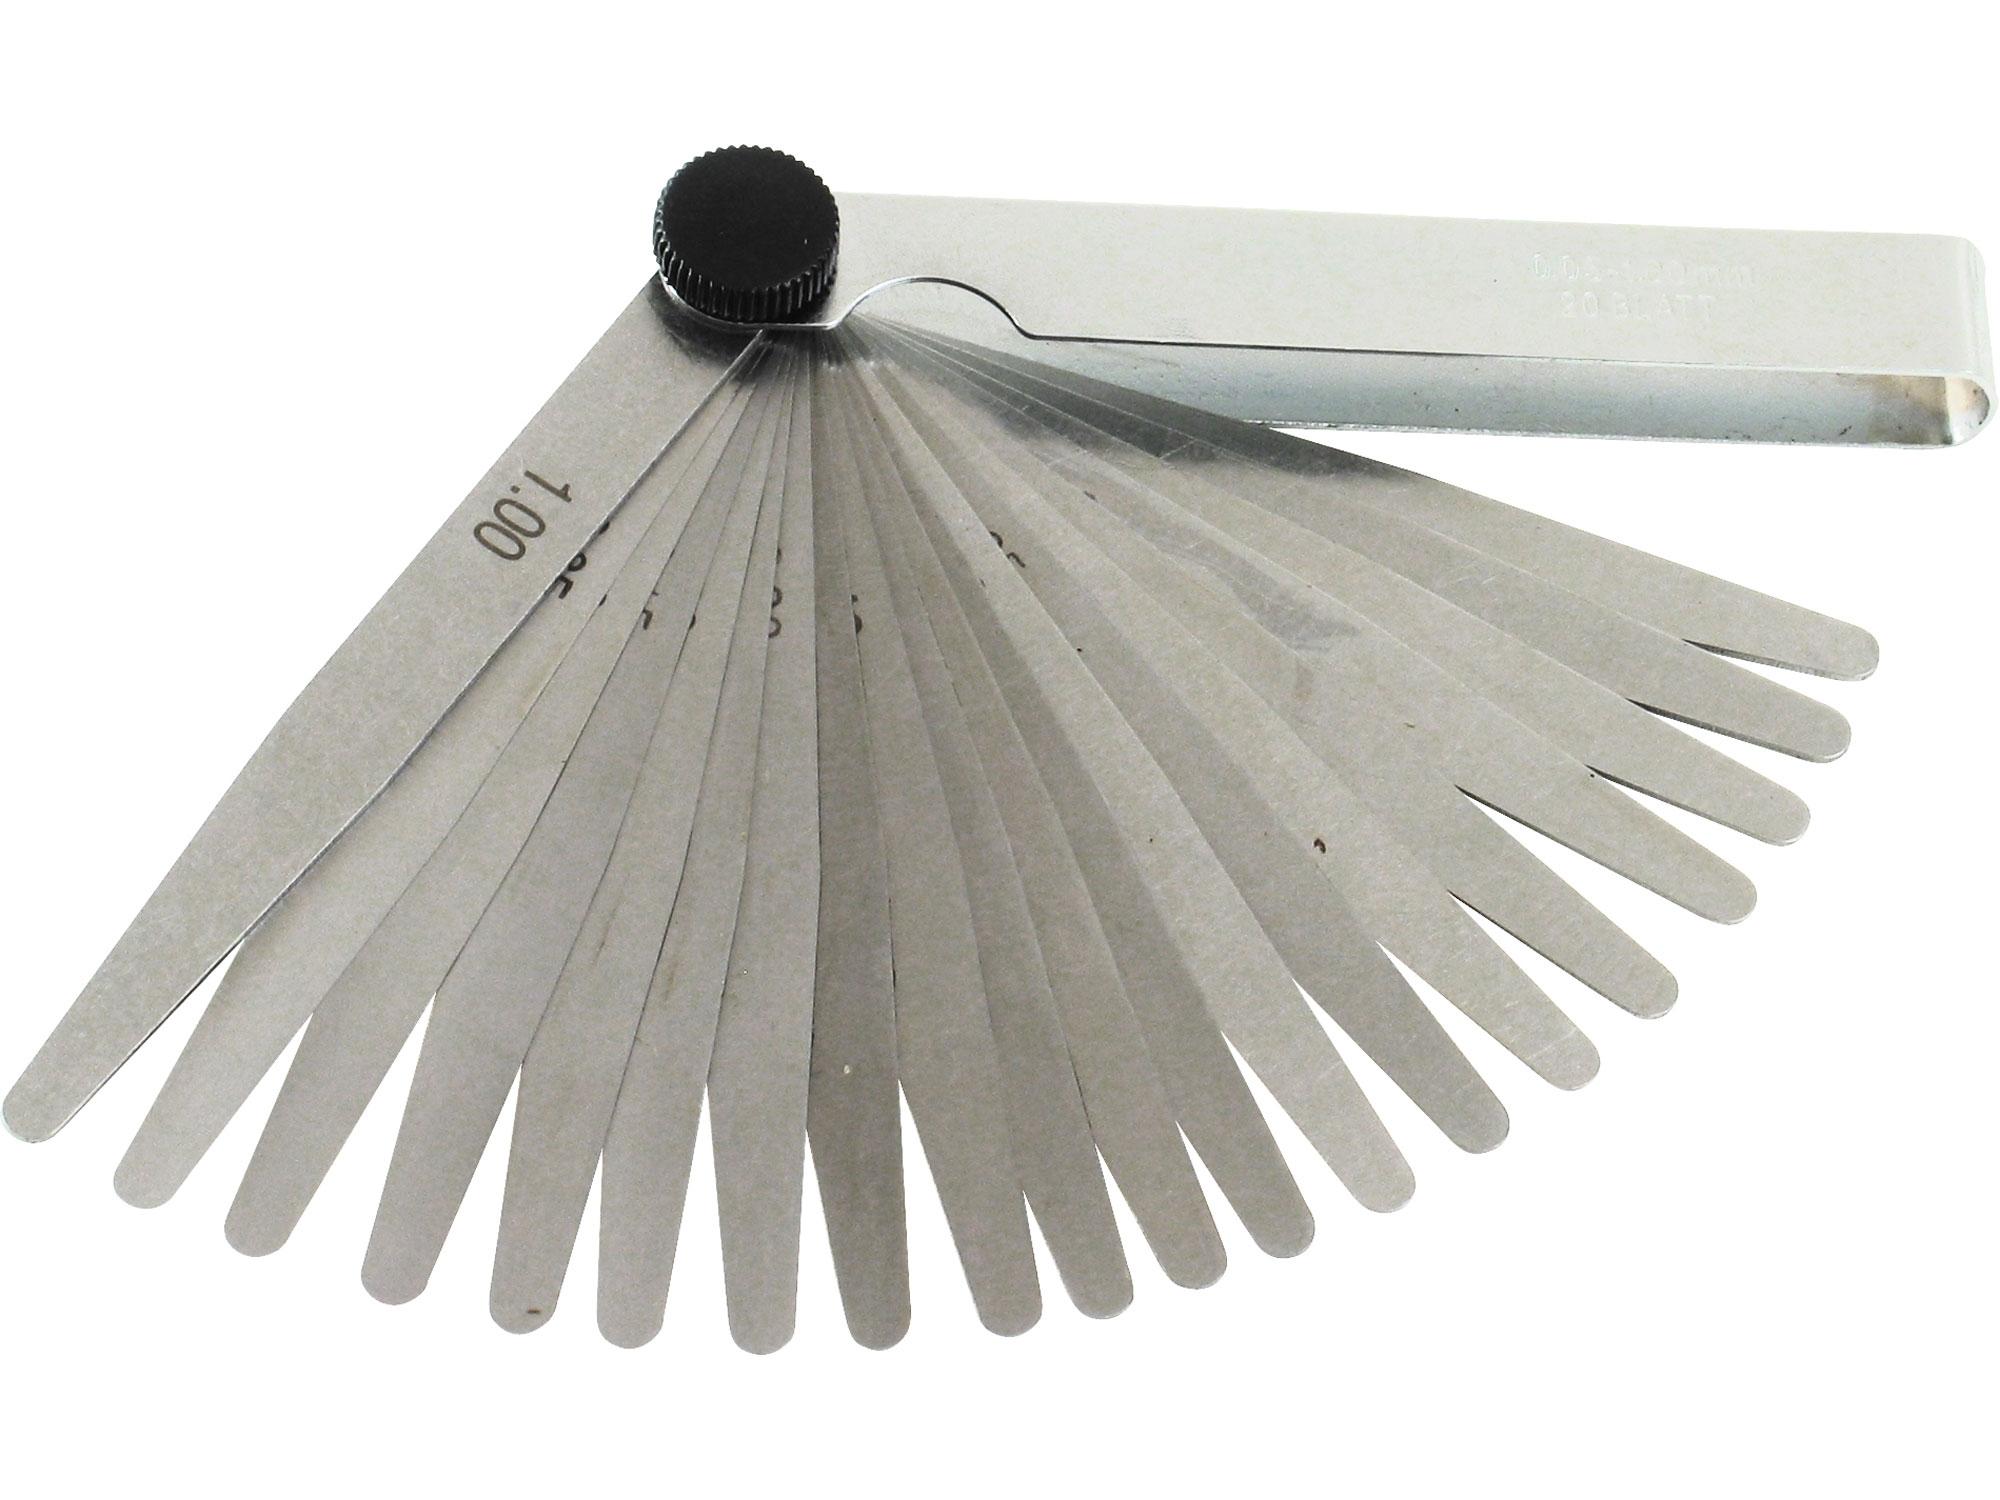 měrky spárové, 20ks, 0,05-1mm, EXTOL CRAFT 3220